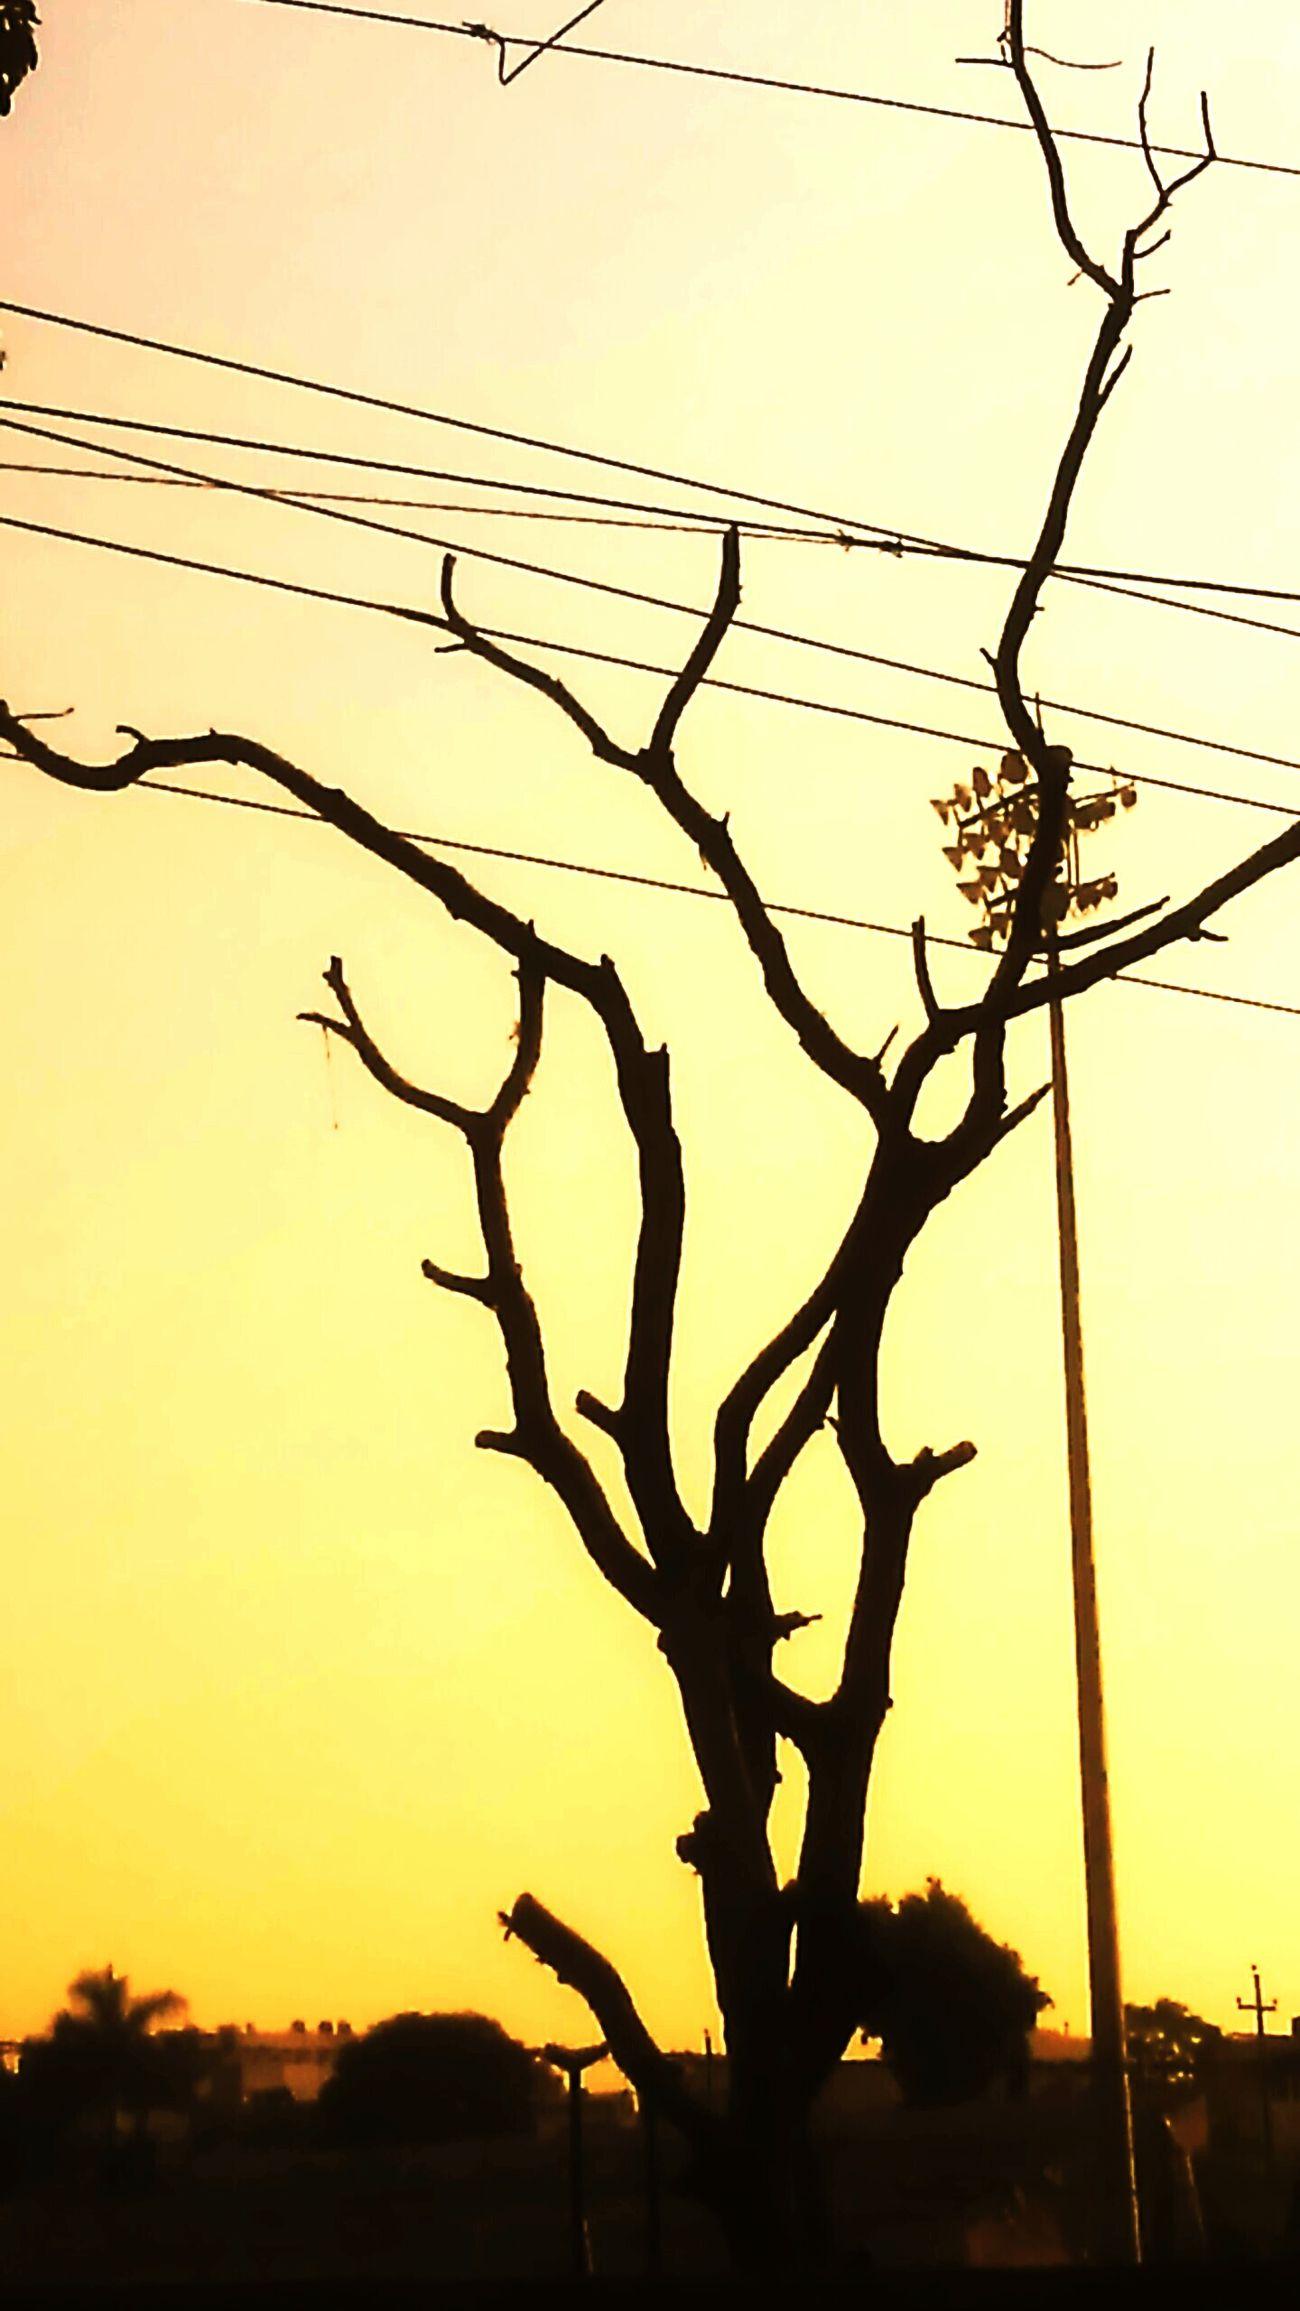 Shot by 3.7 Mp camera Snag Randomshot Photopassion Nature